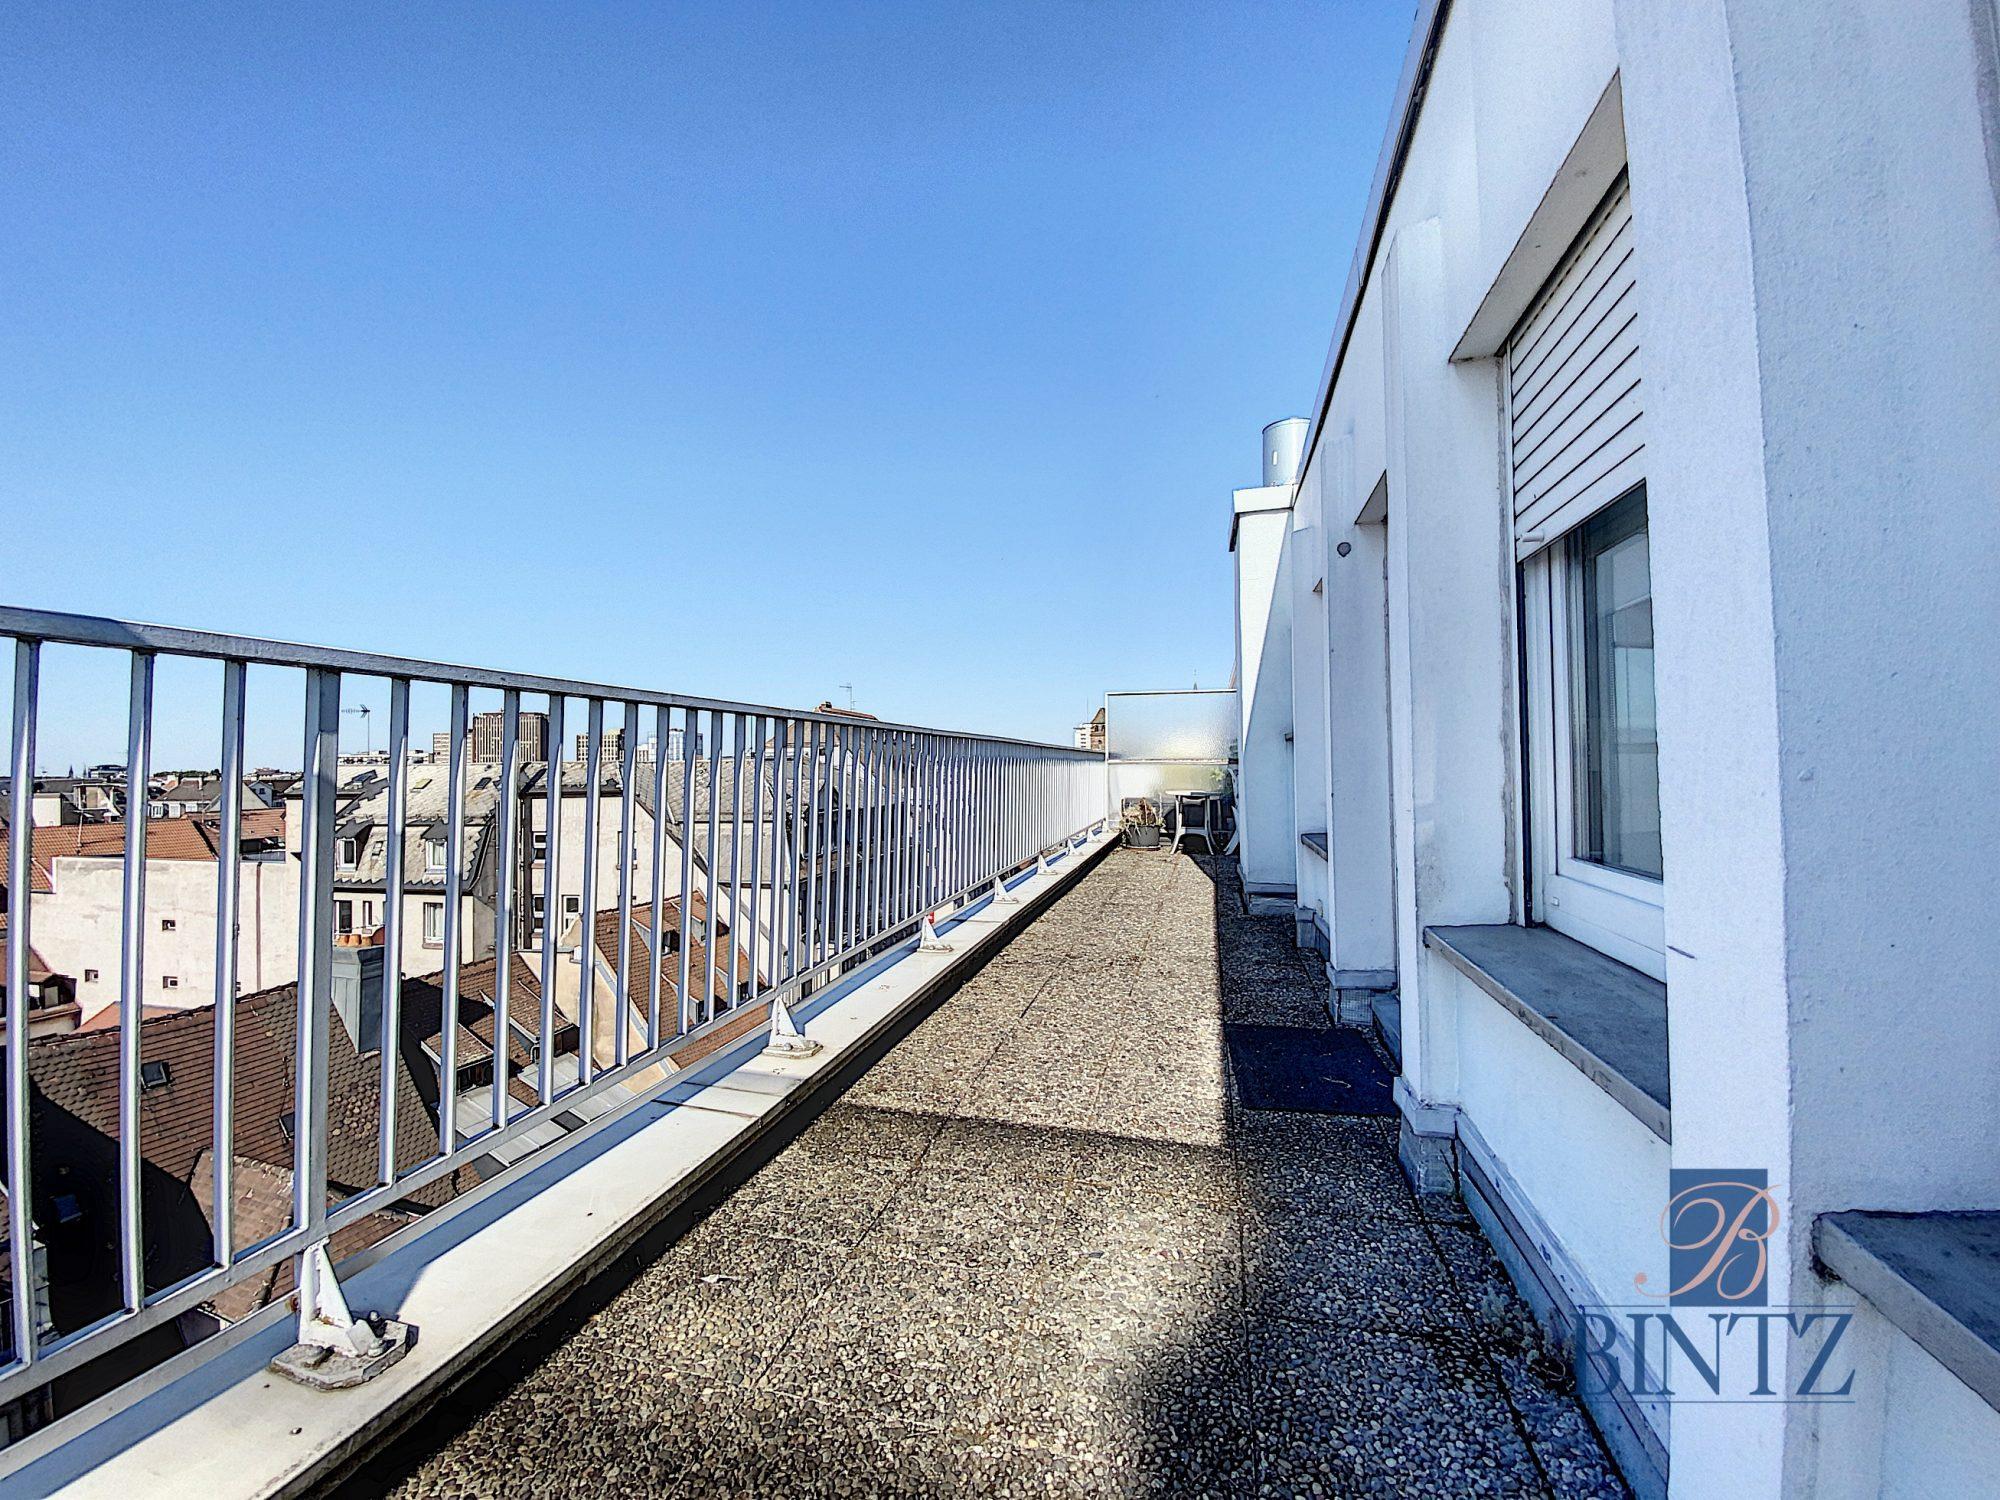 GRAND T1 AVEC TERRASSE QUARTIER GARE - Devenez locataire en toute sérénité - Bintz Immobilier - 1